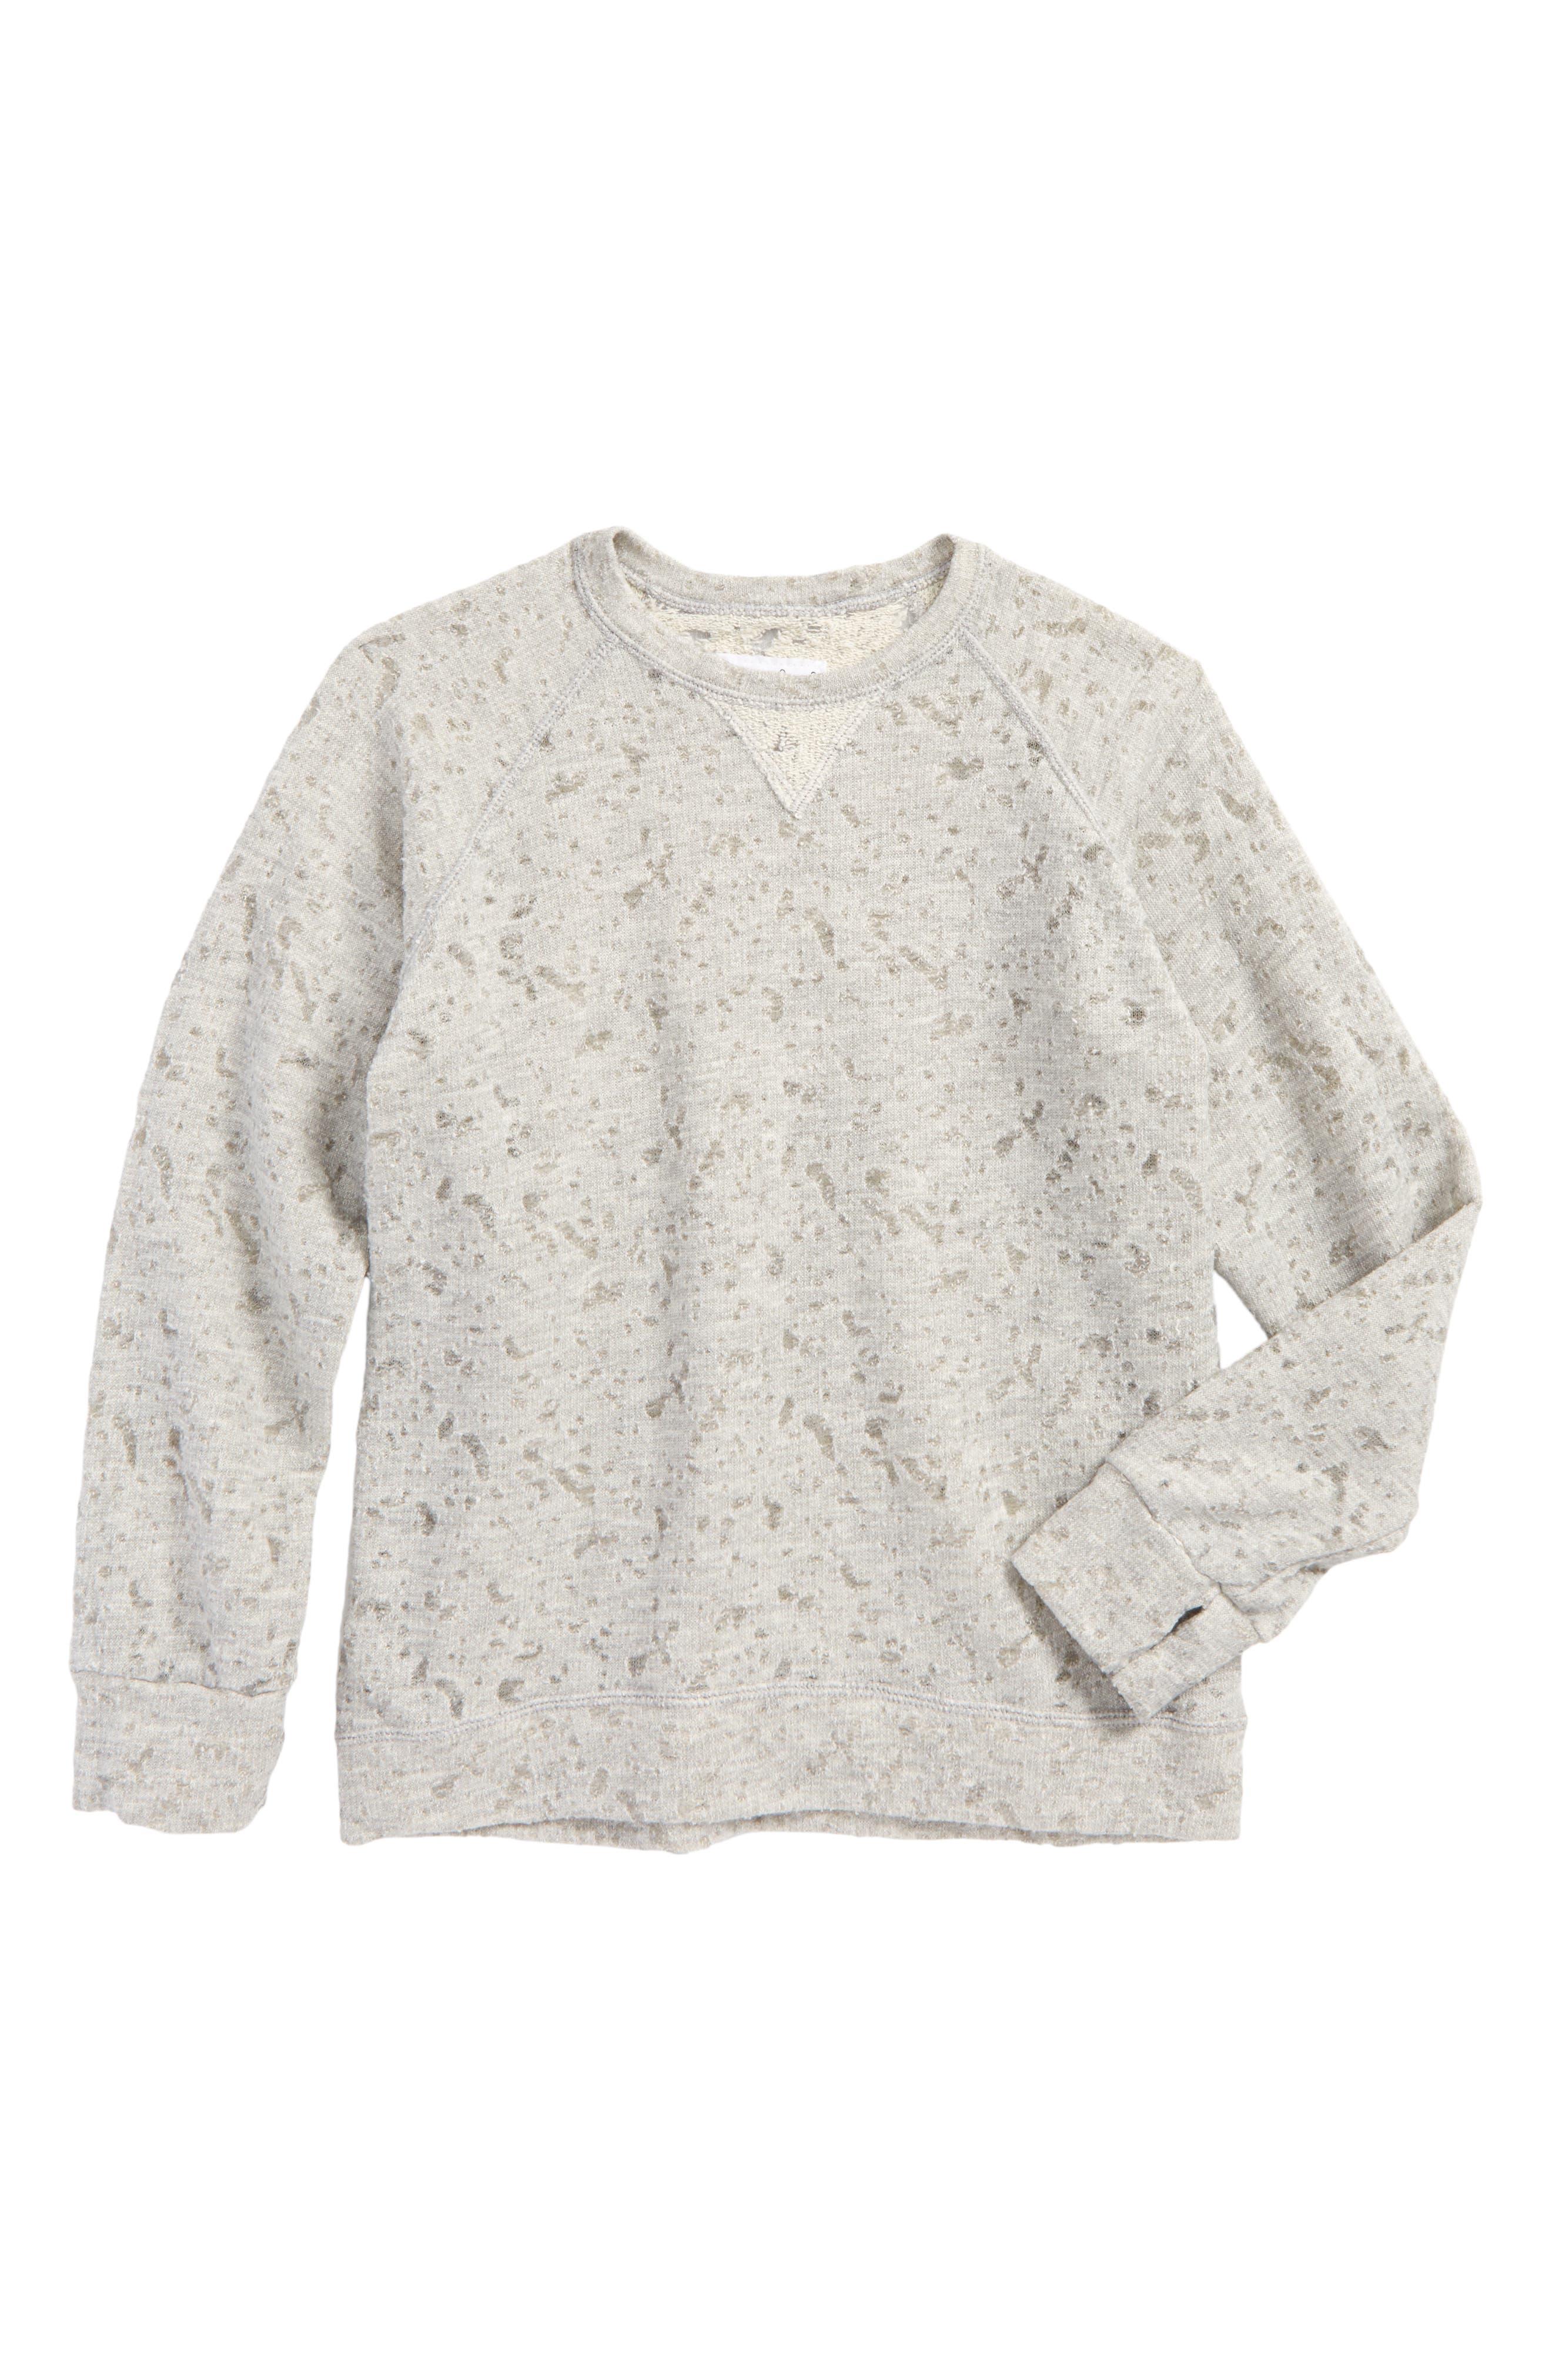 Deconstructed Sweatshirt,                         Main,                         color, Light Grey